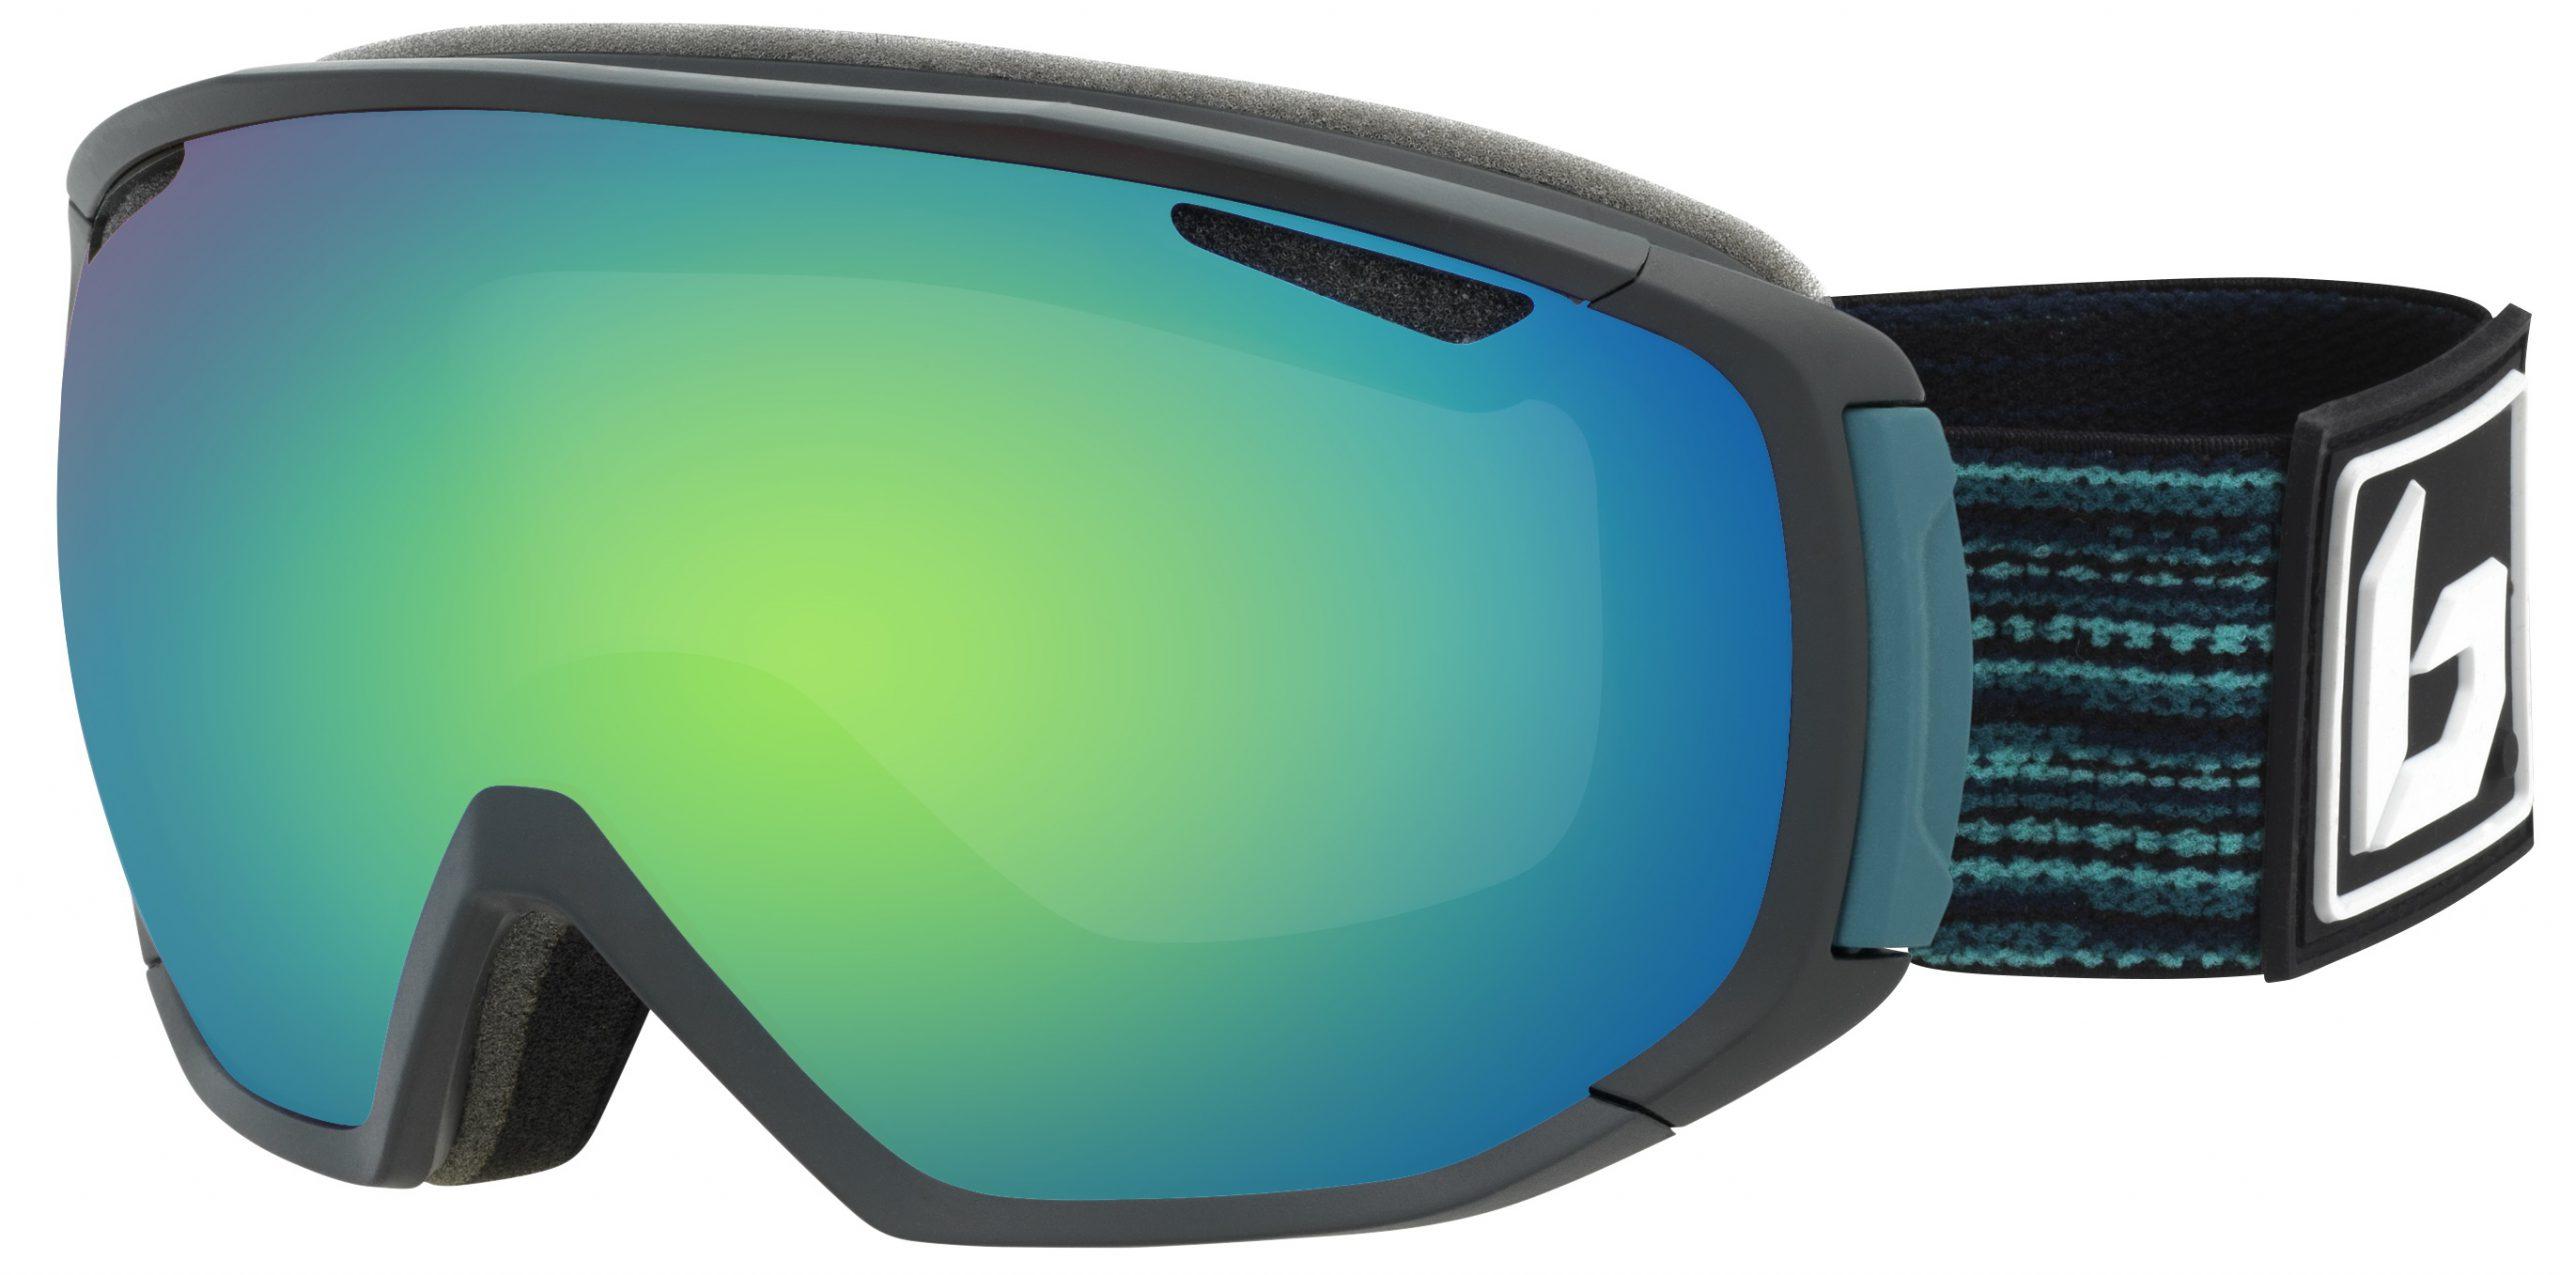 Bollé Tsar Matte Black & Blue Matrix Green Emerald skibril met een groene lens